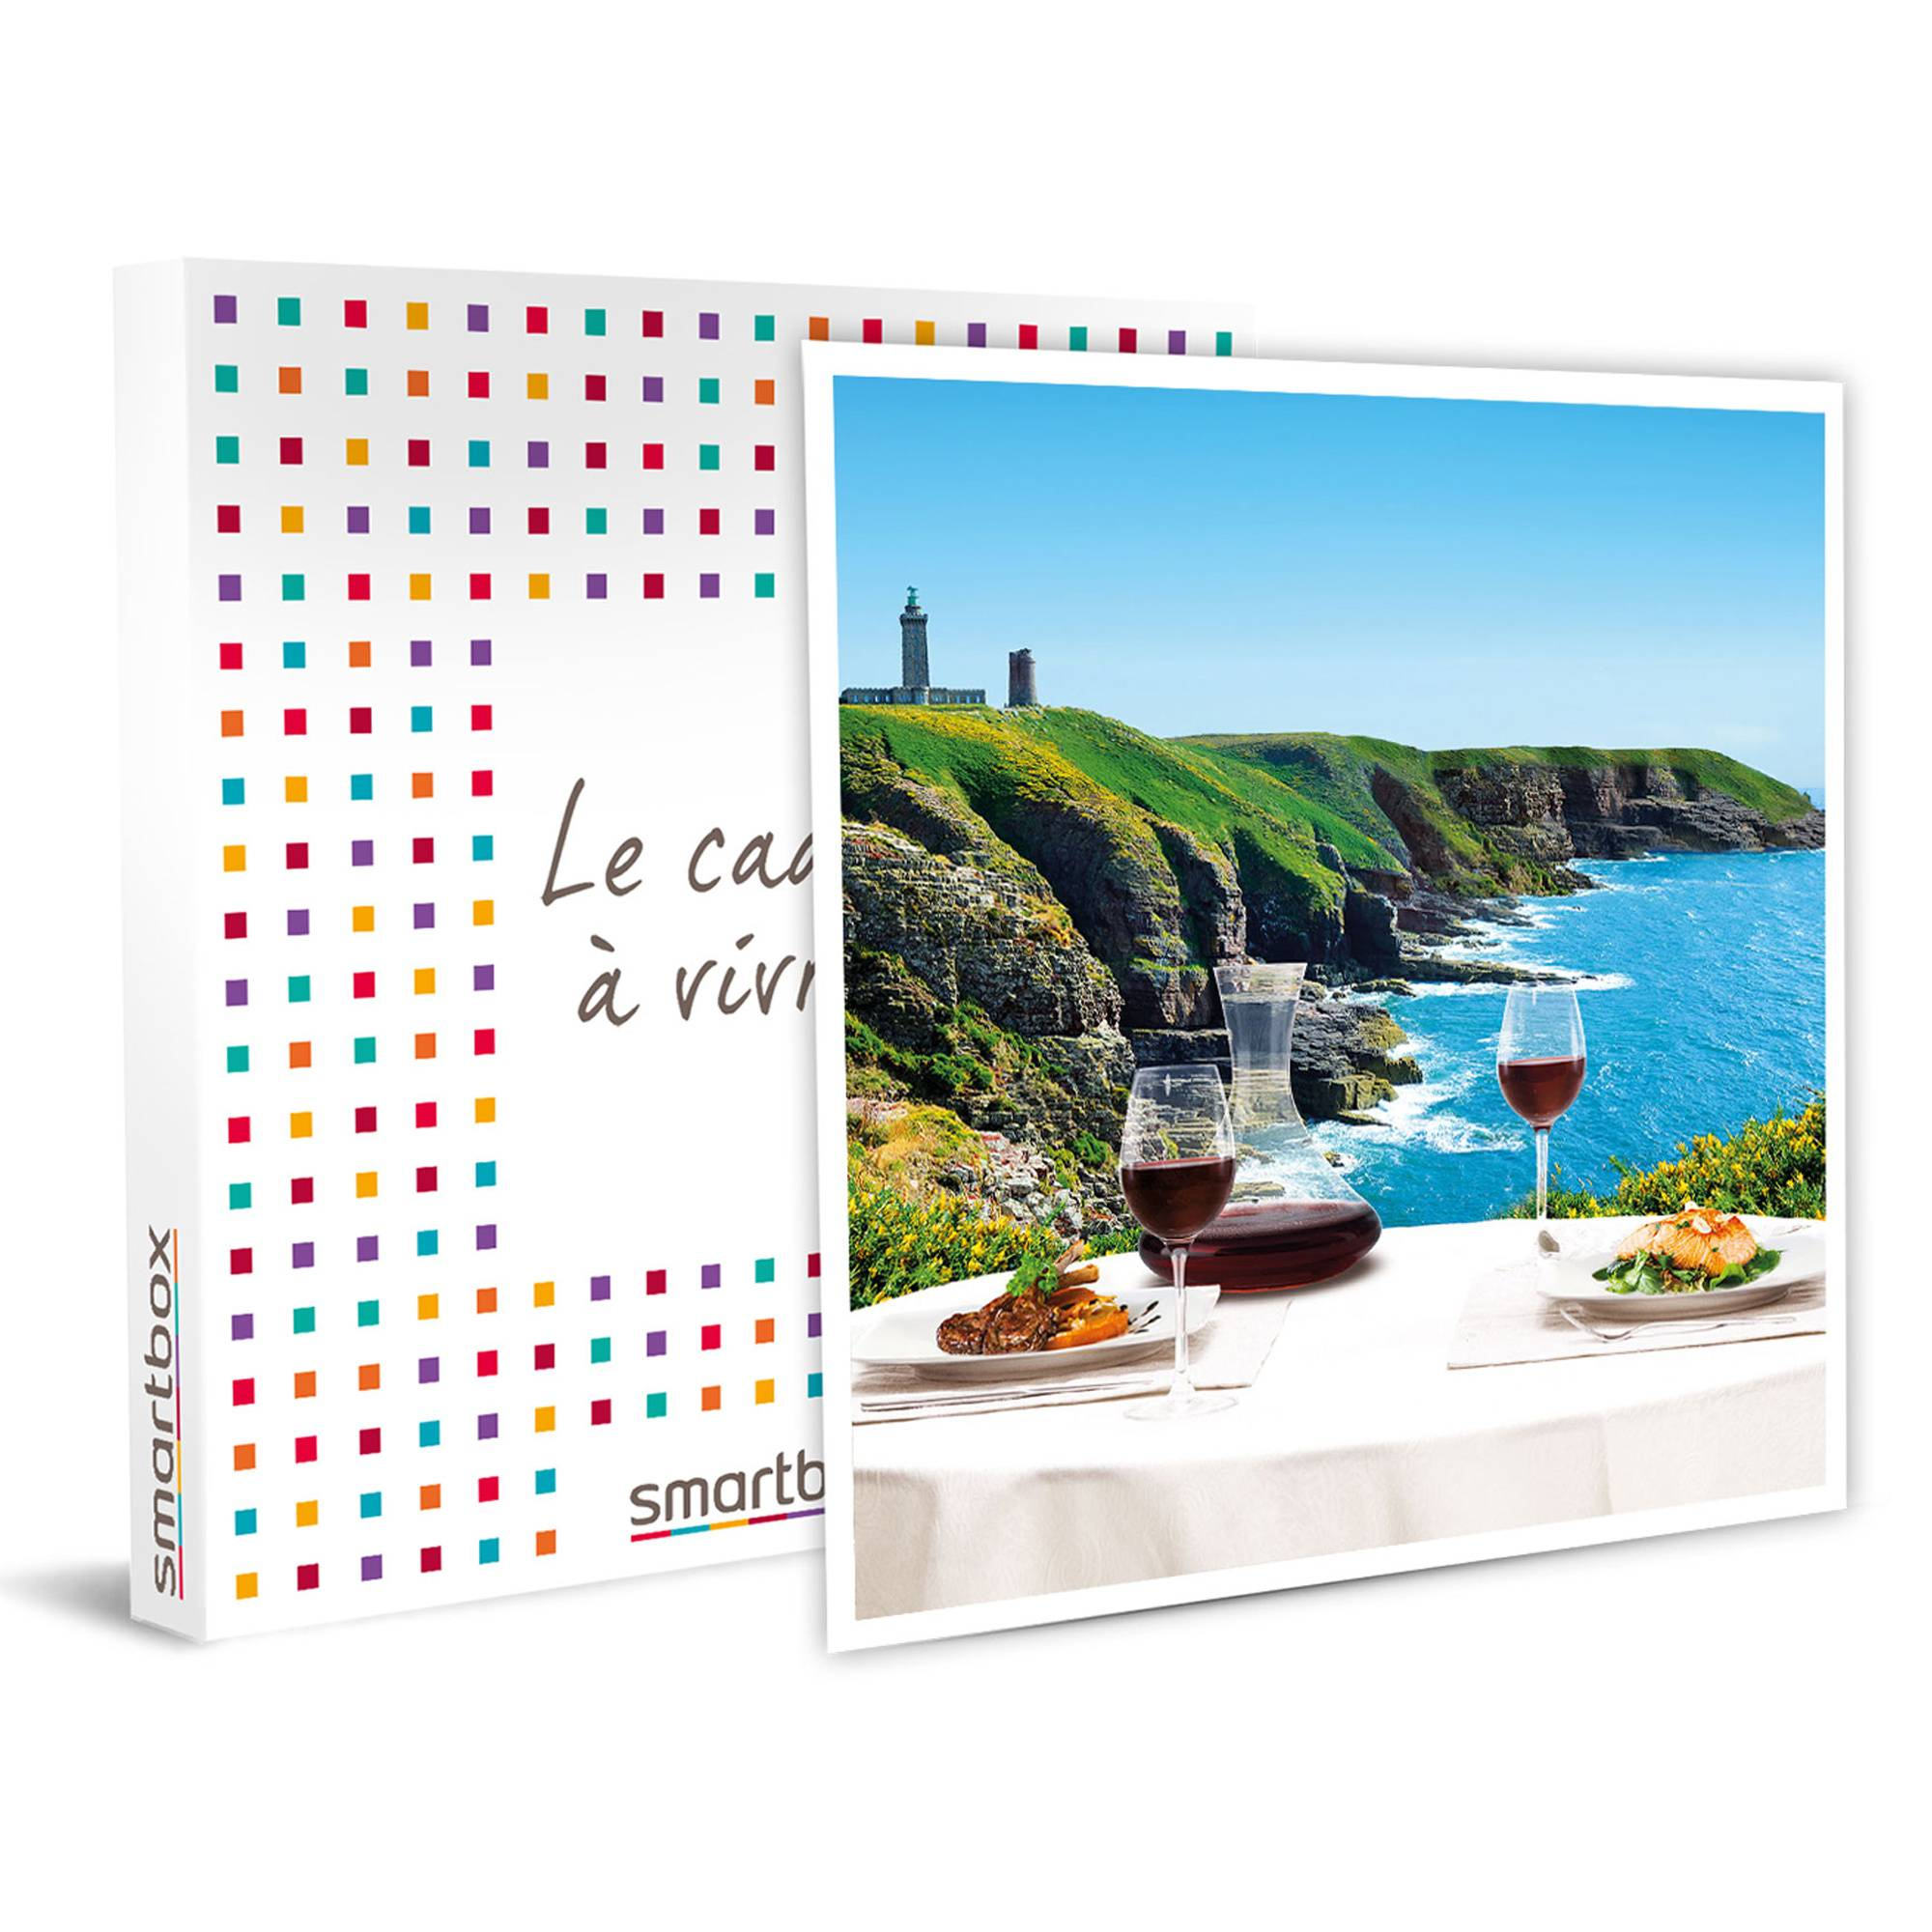 Smartbox Séjour bien-être et délices en Bretagne Coffret cadeau Smartbox